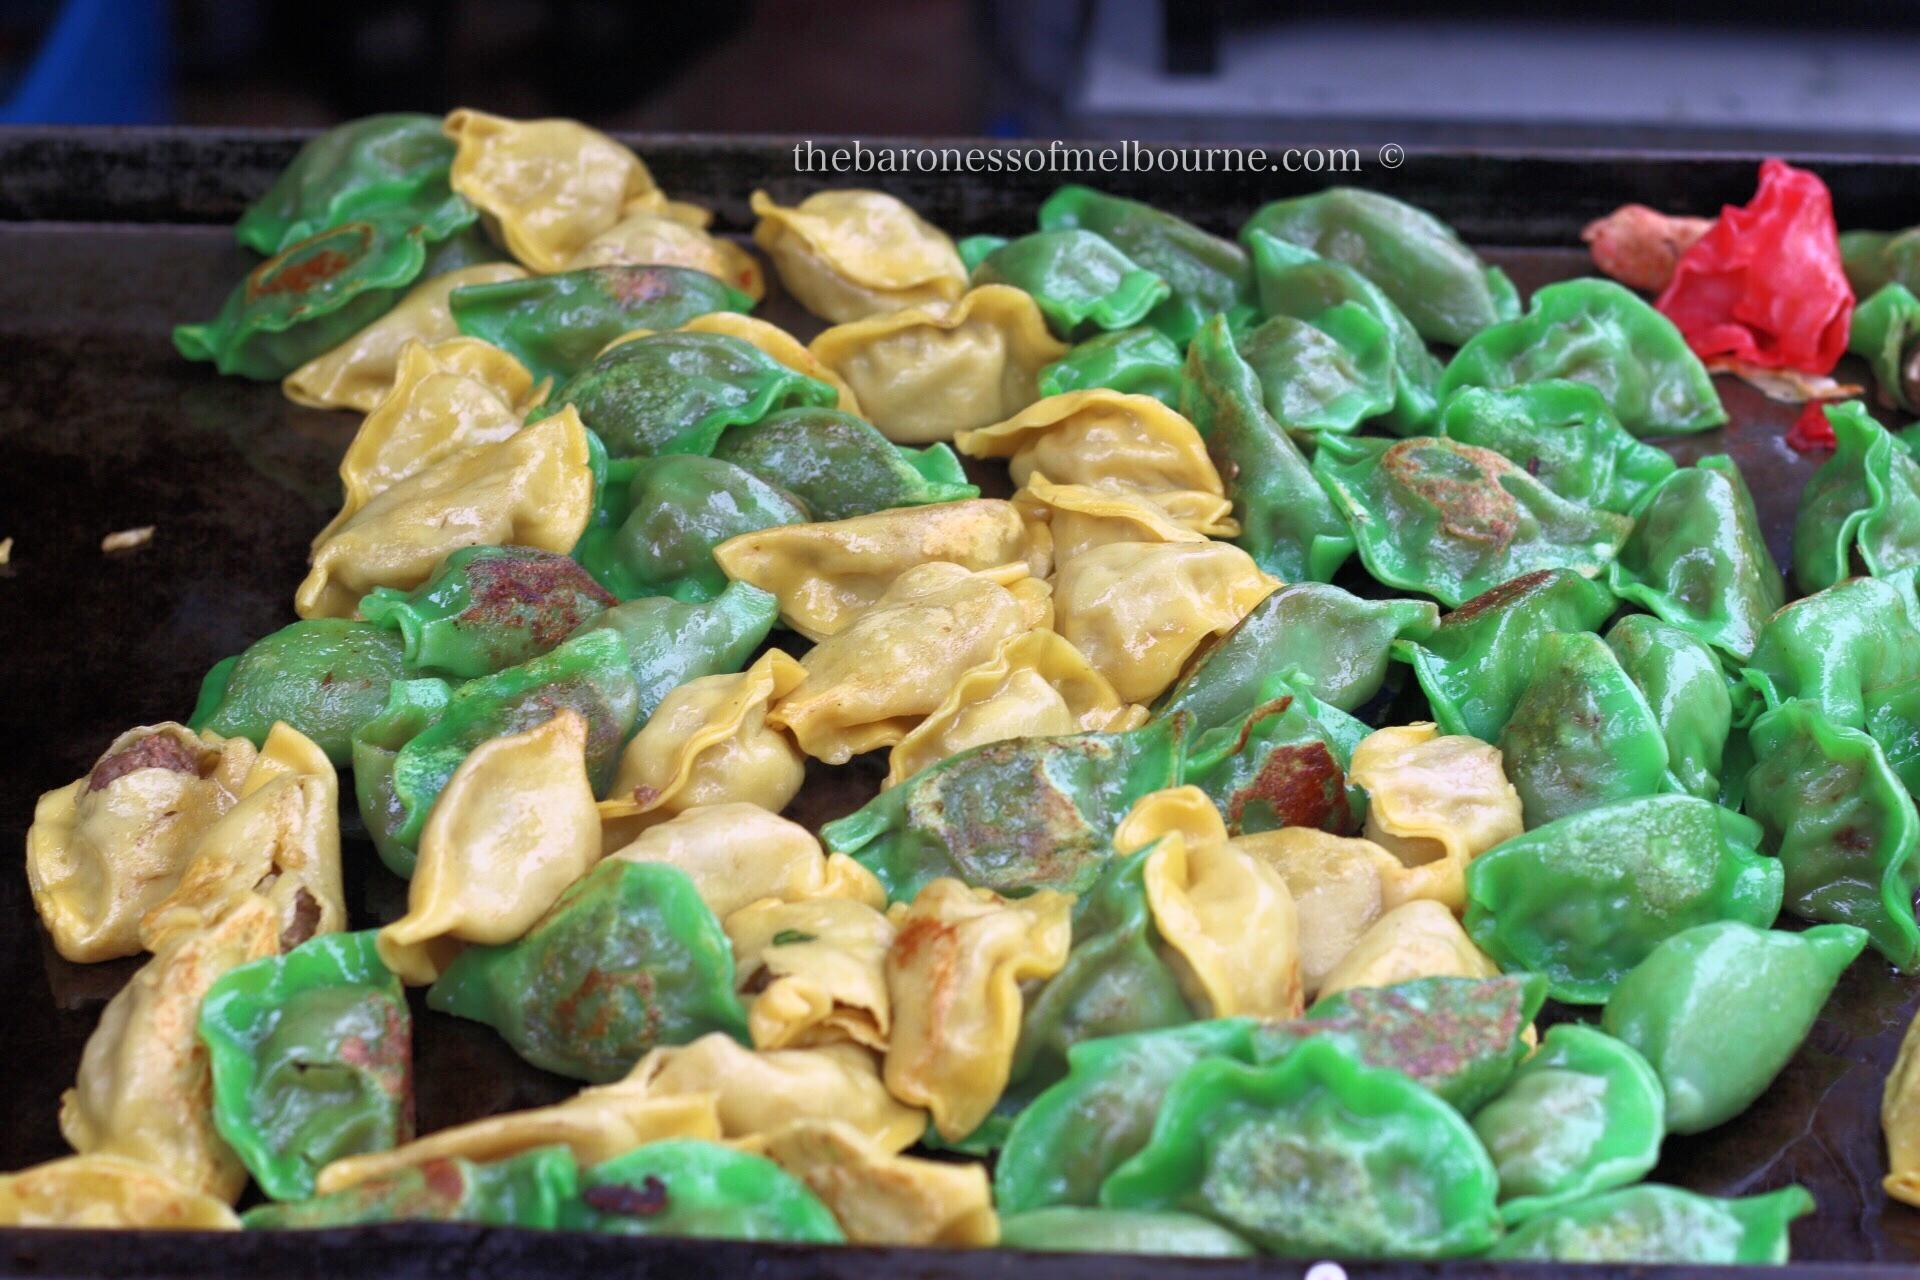 Pan fried dumplings from Ant's Dumplings